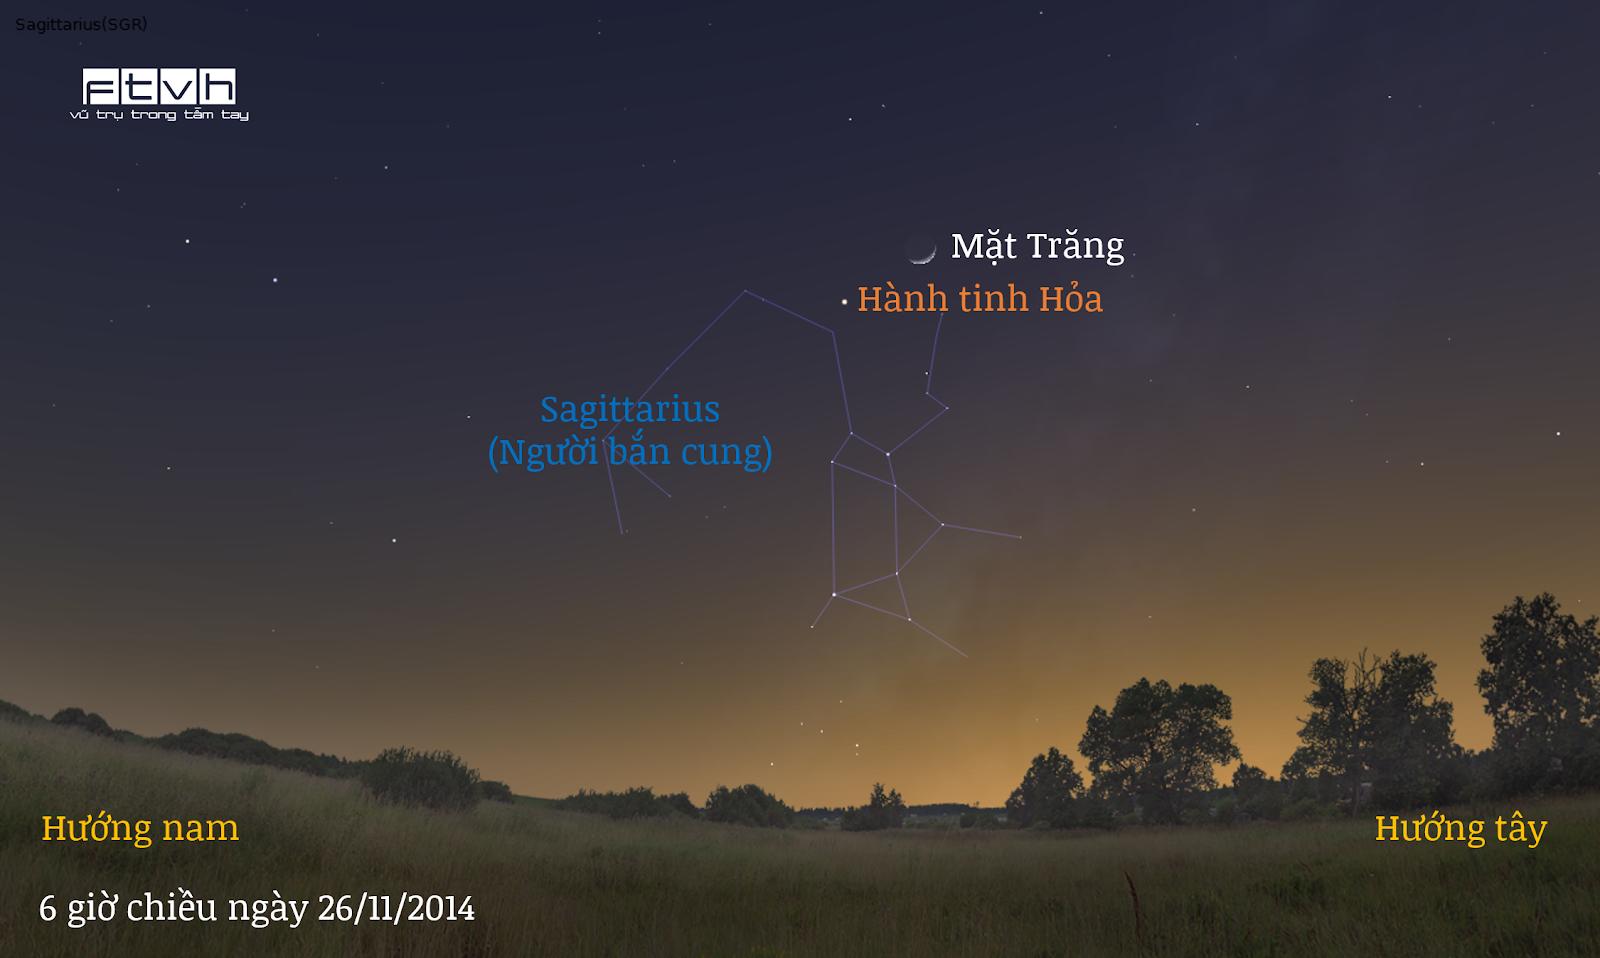 Mặt Trăng và hành tinh Hỏa nằm gần nhau ở khu vực chòm sao Sagittarius vào chiều 26/11/2014.